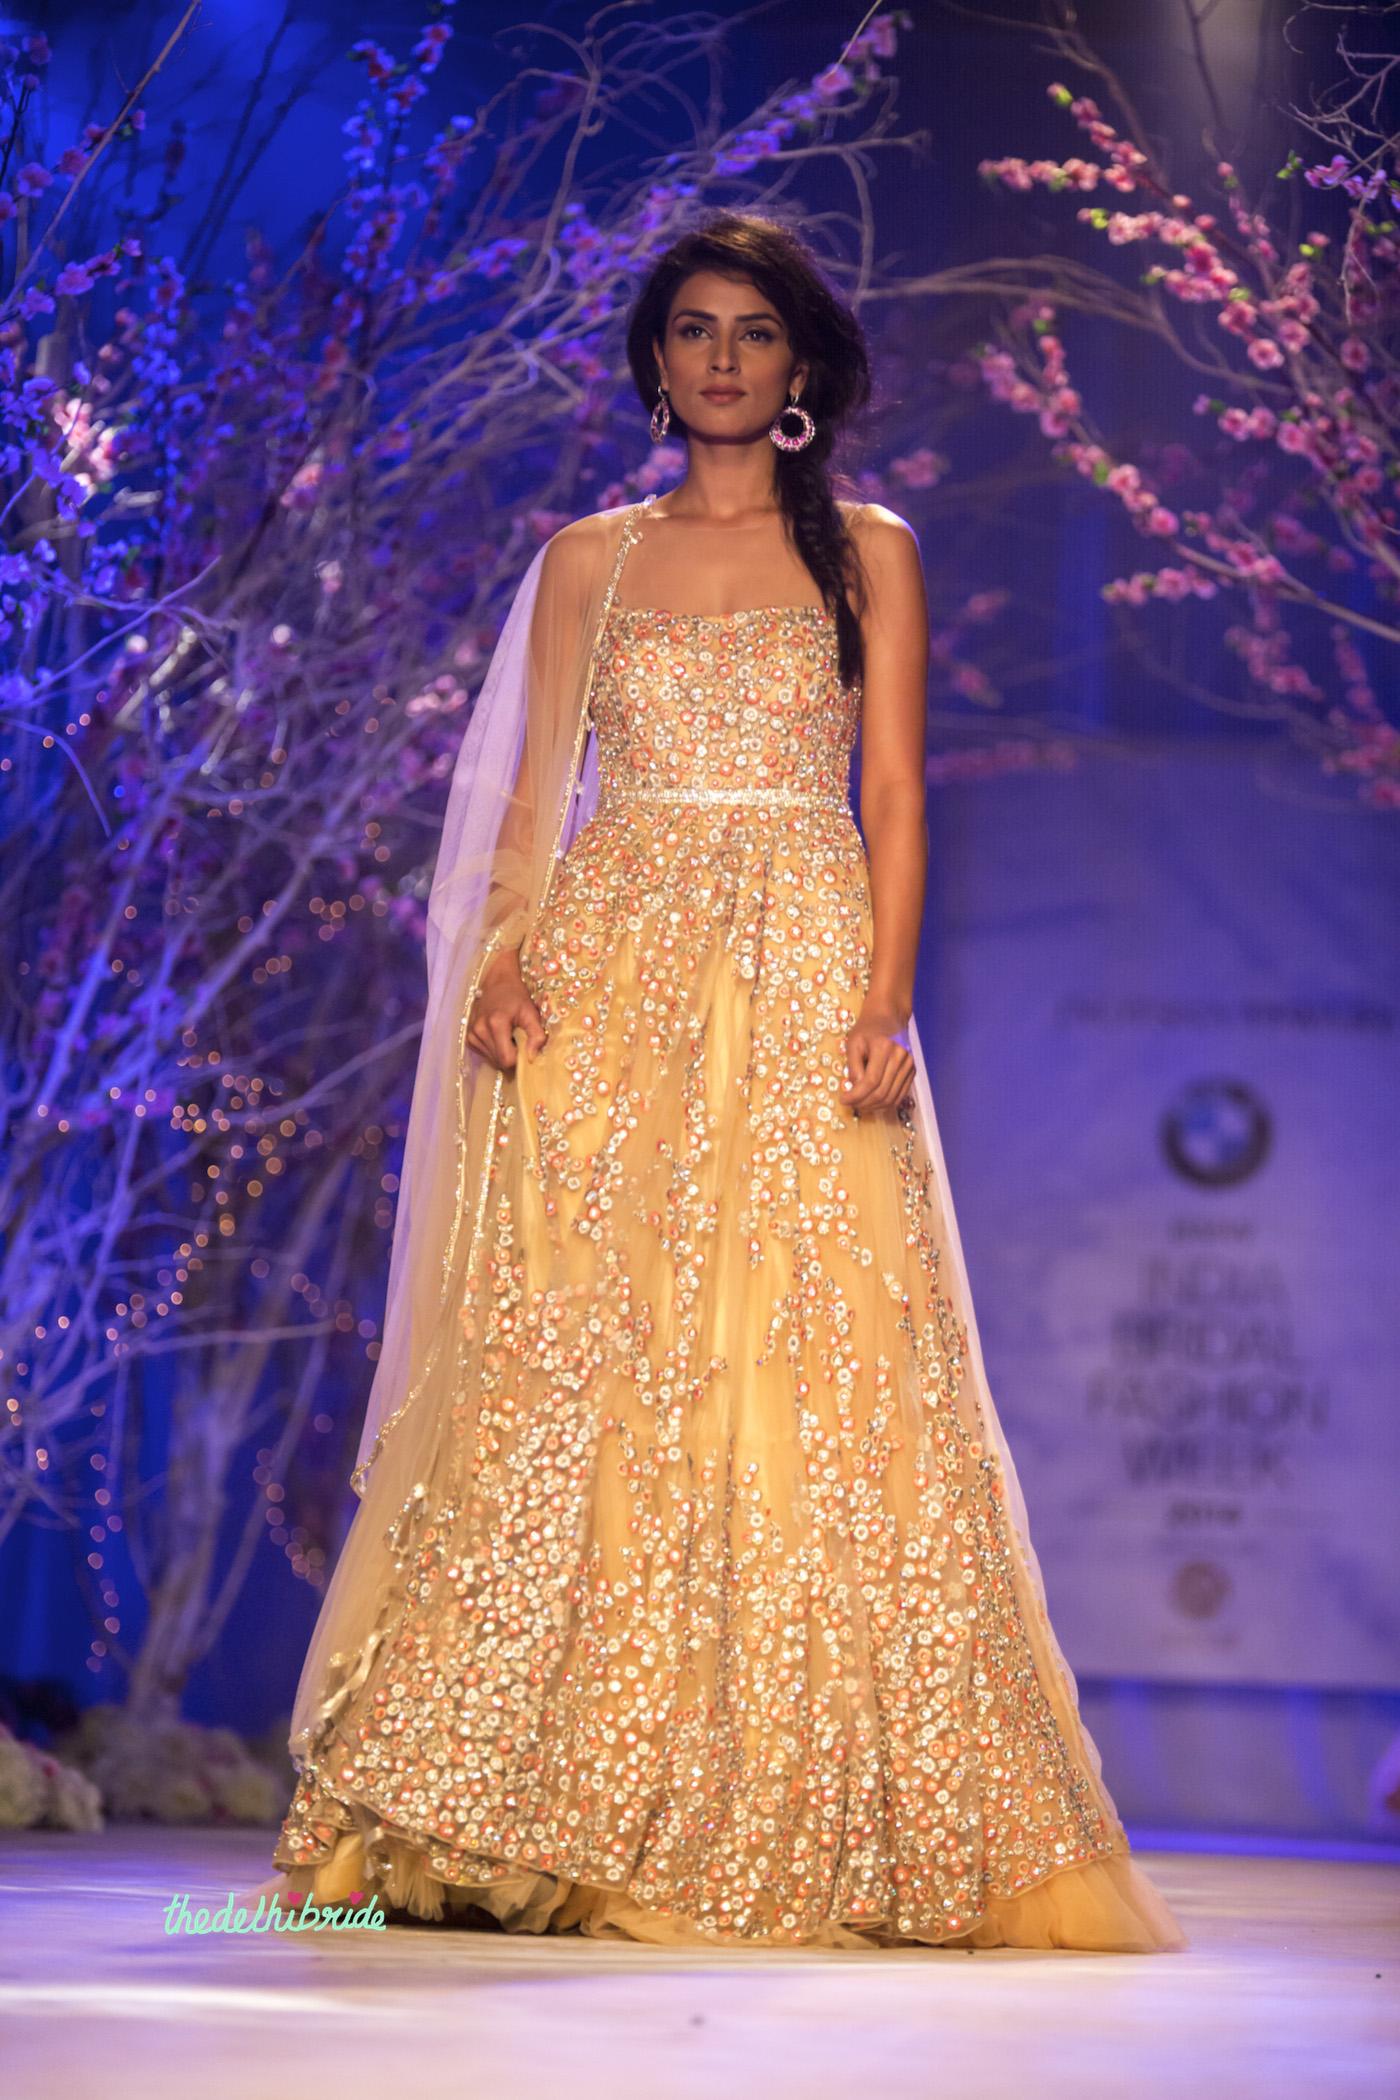 Jyotsna Tiwari at India Bridal Fashion Week 2014 – An